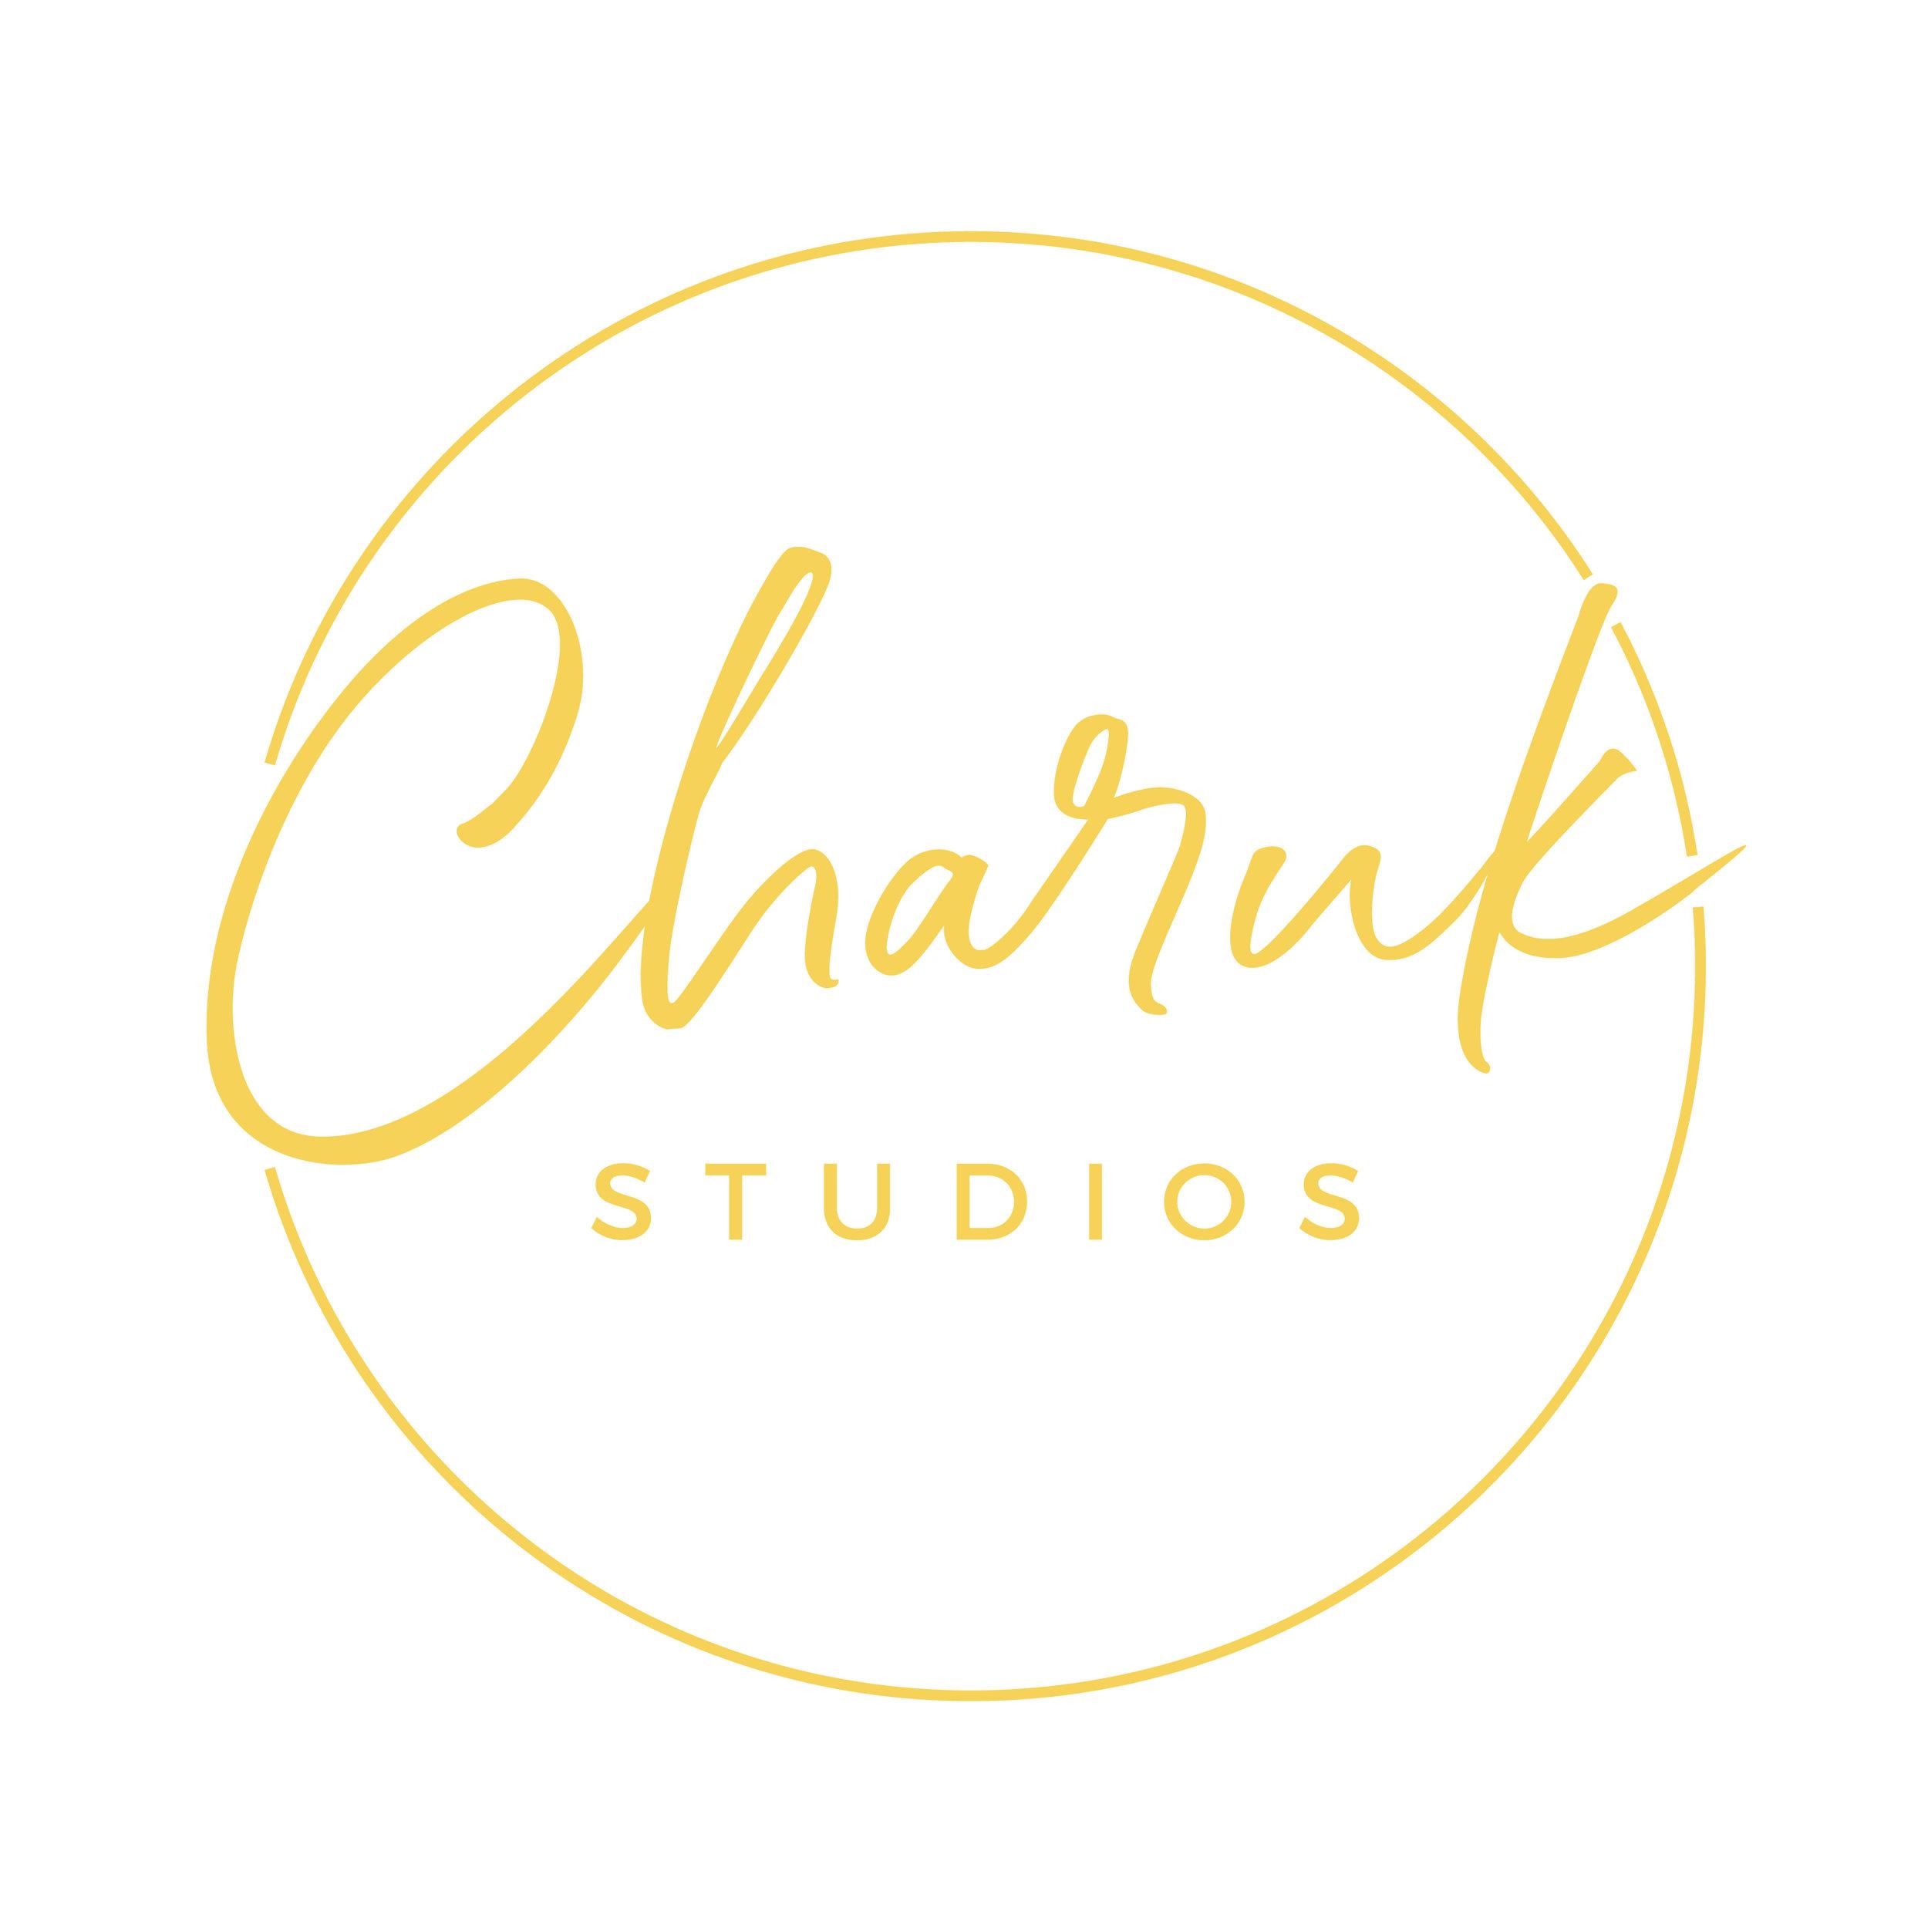 submark-yellow.jpg